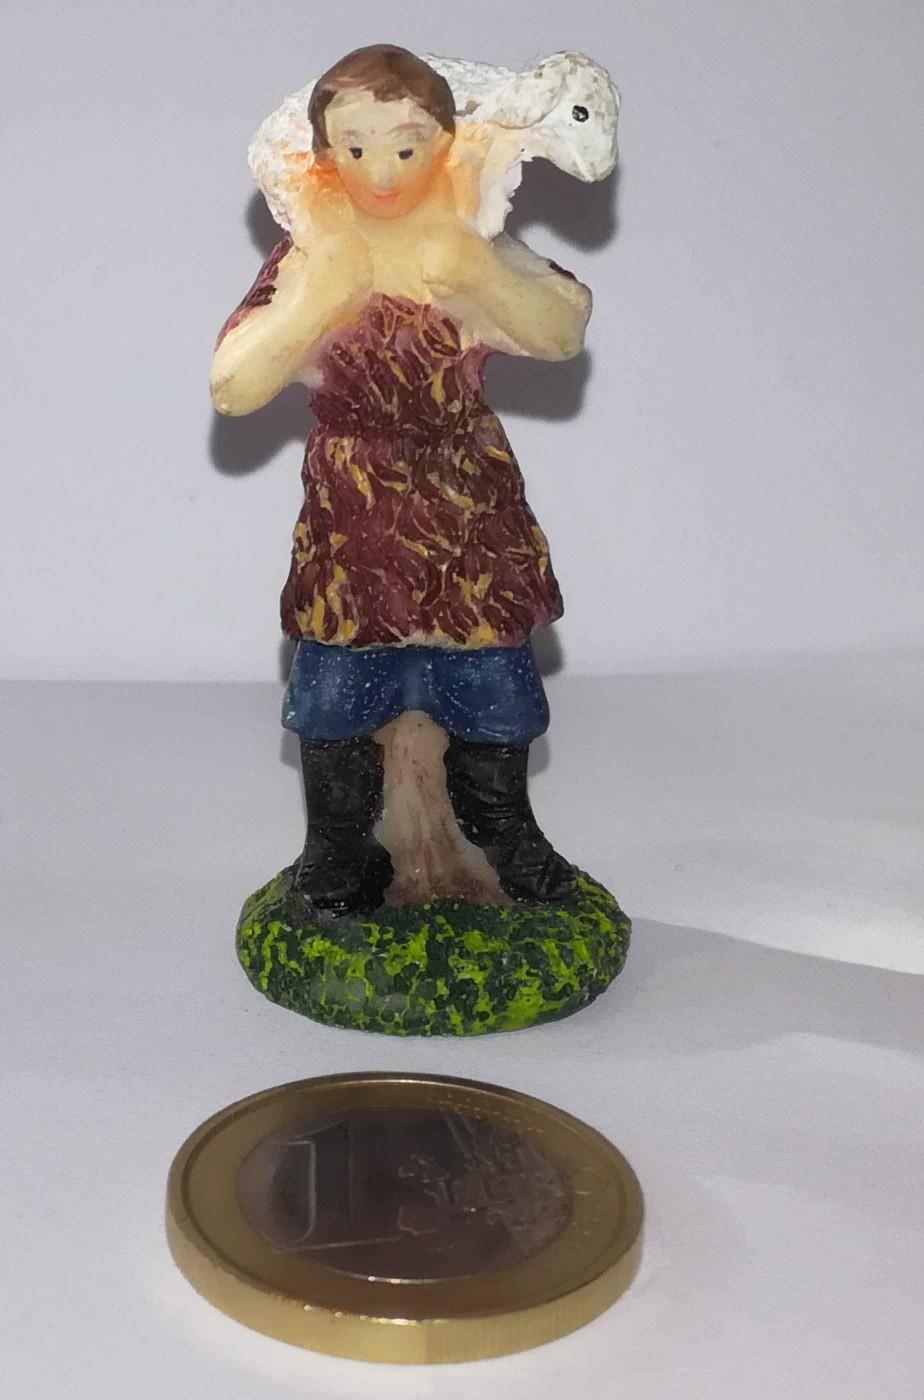 Figurina Presepe in plastica (cm 5,5) pastore con pecora in spalla